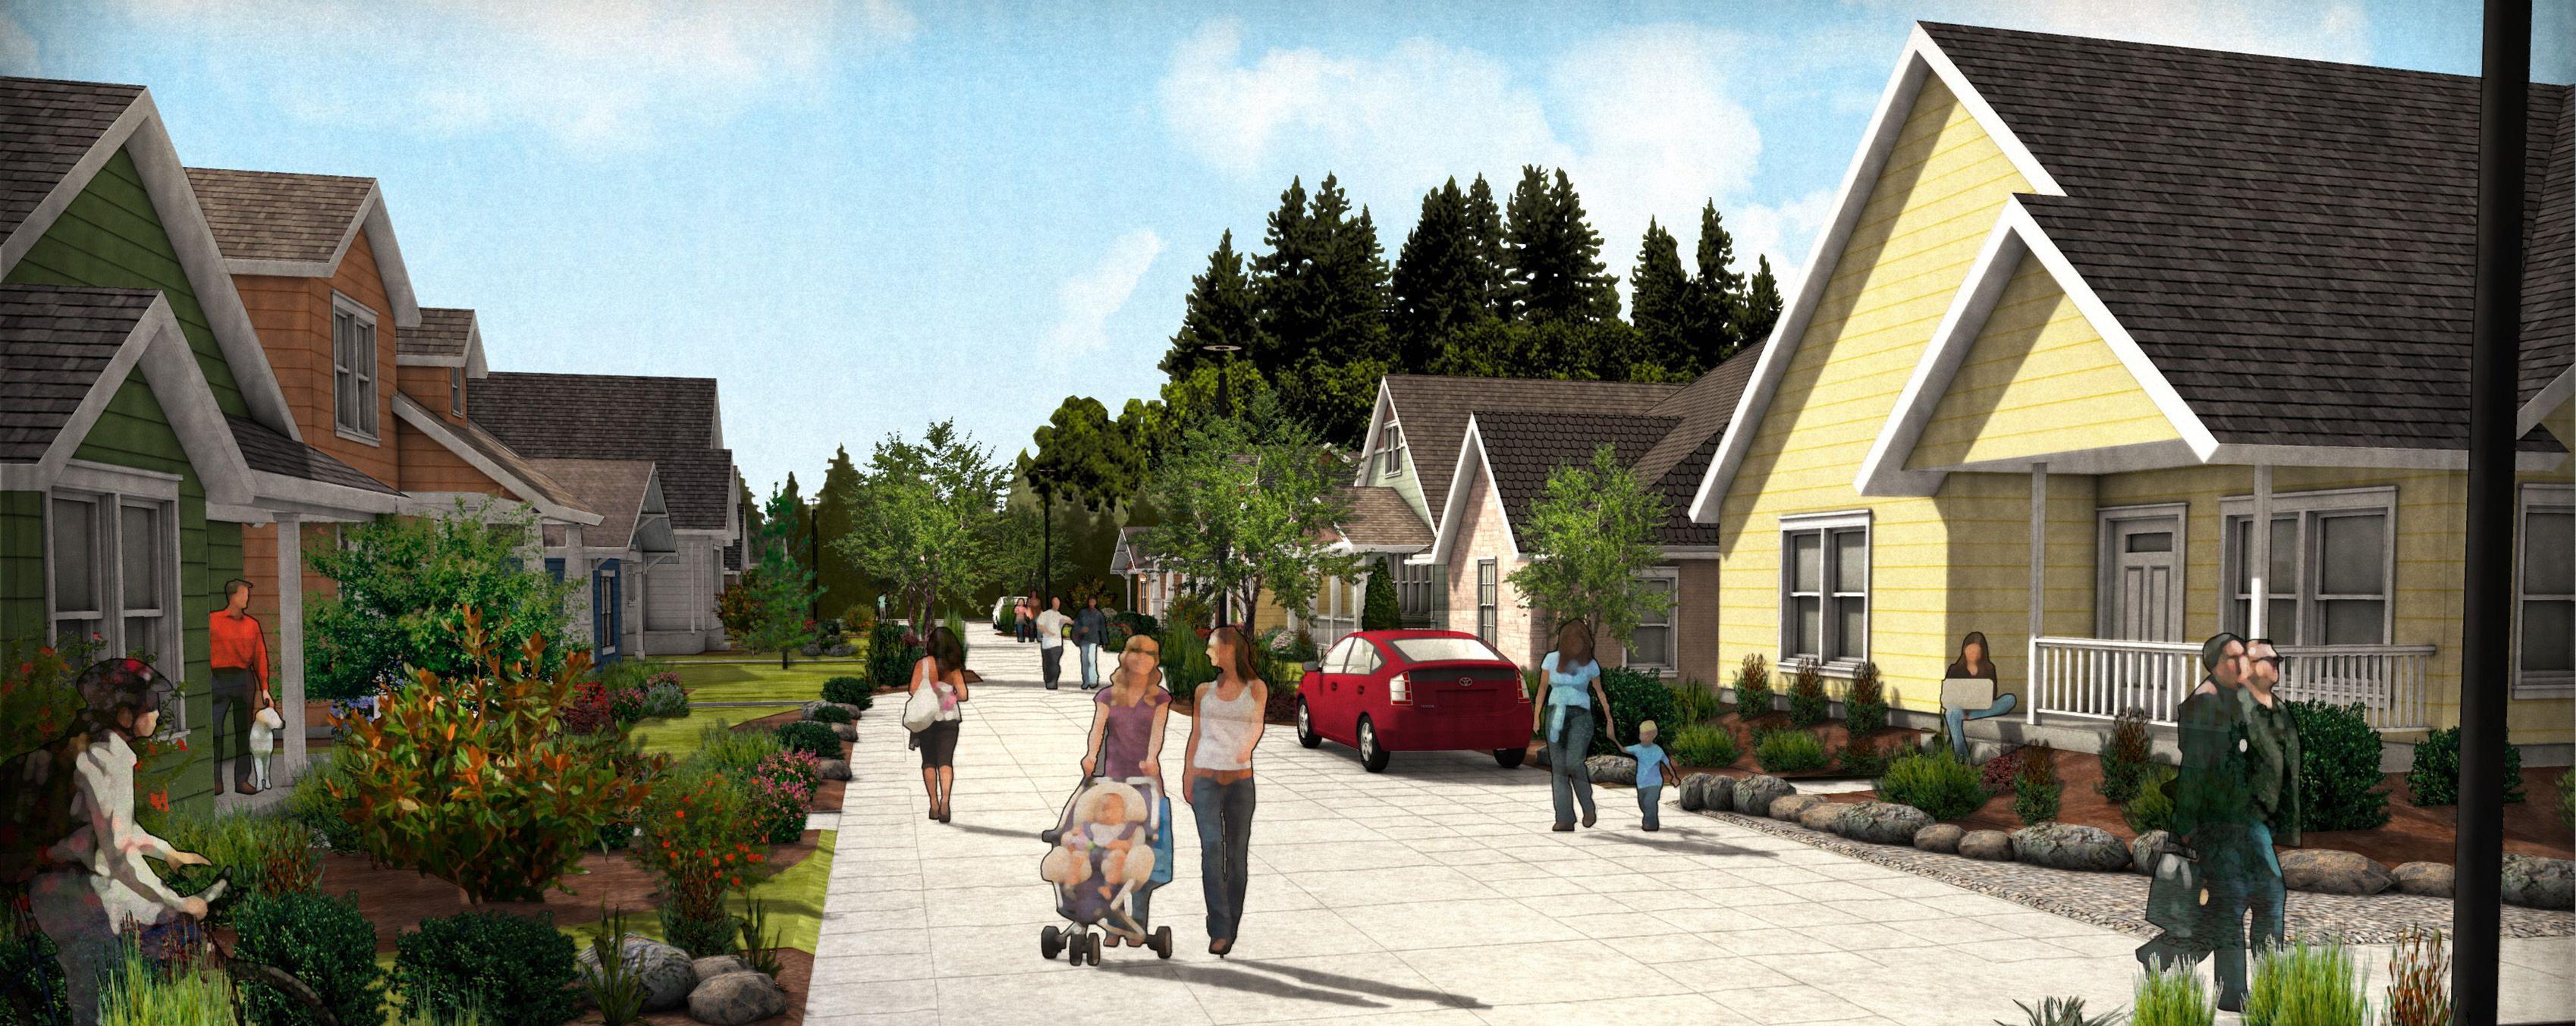 Wilder Development Picks Up Speed In Newport Oregon